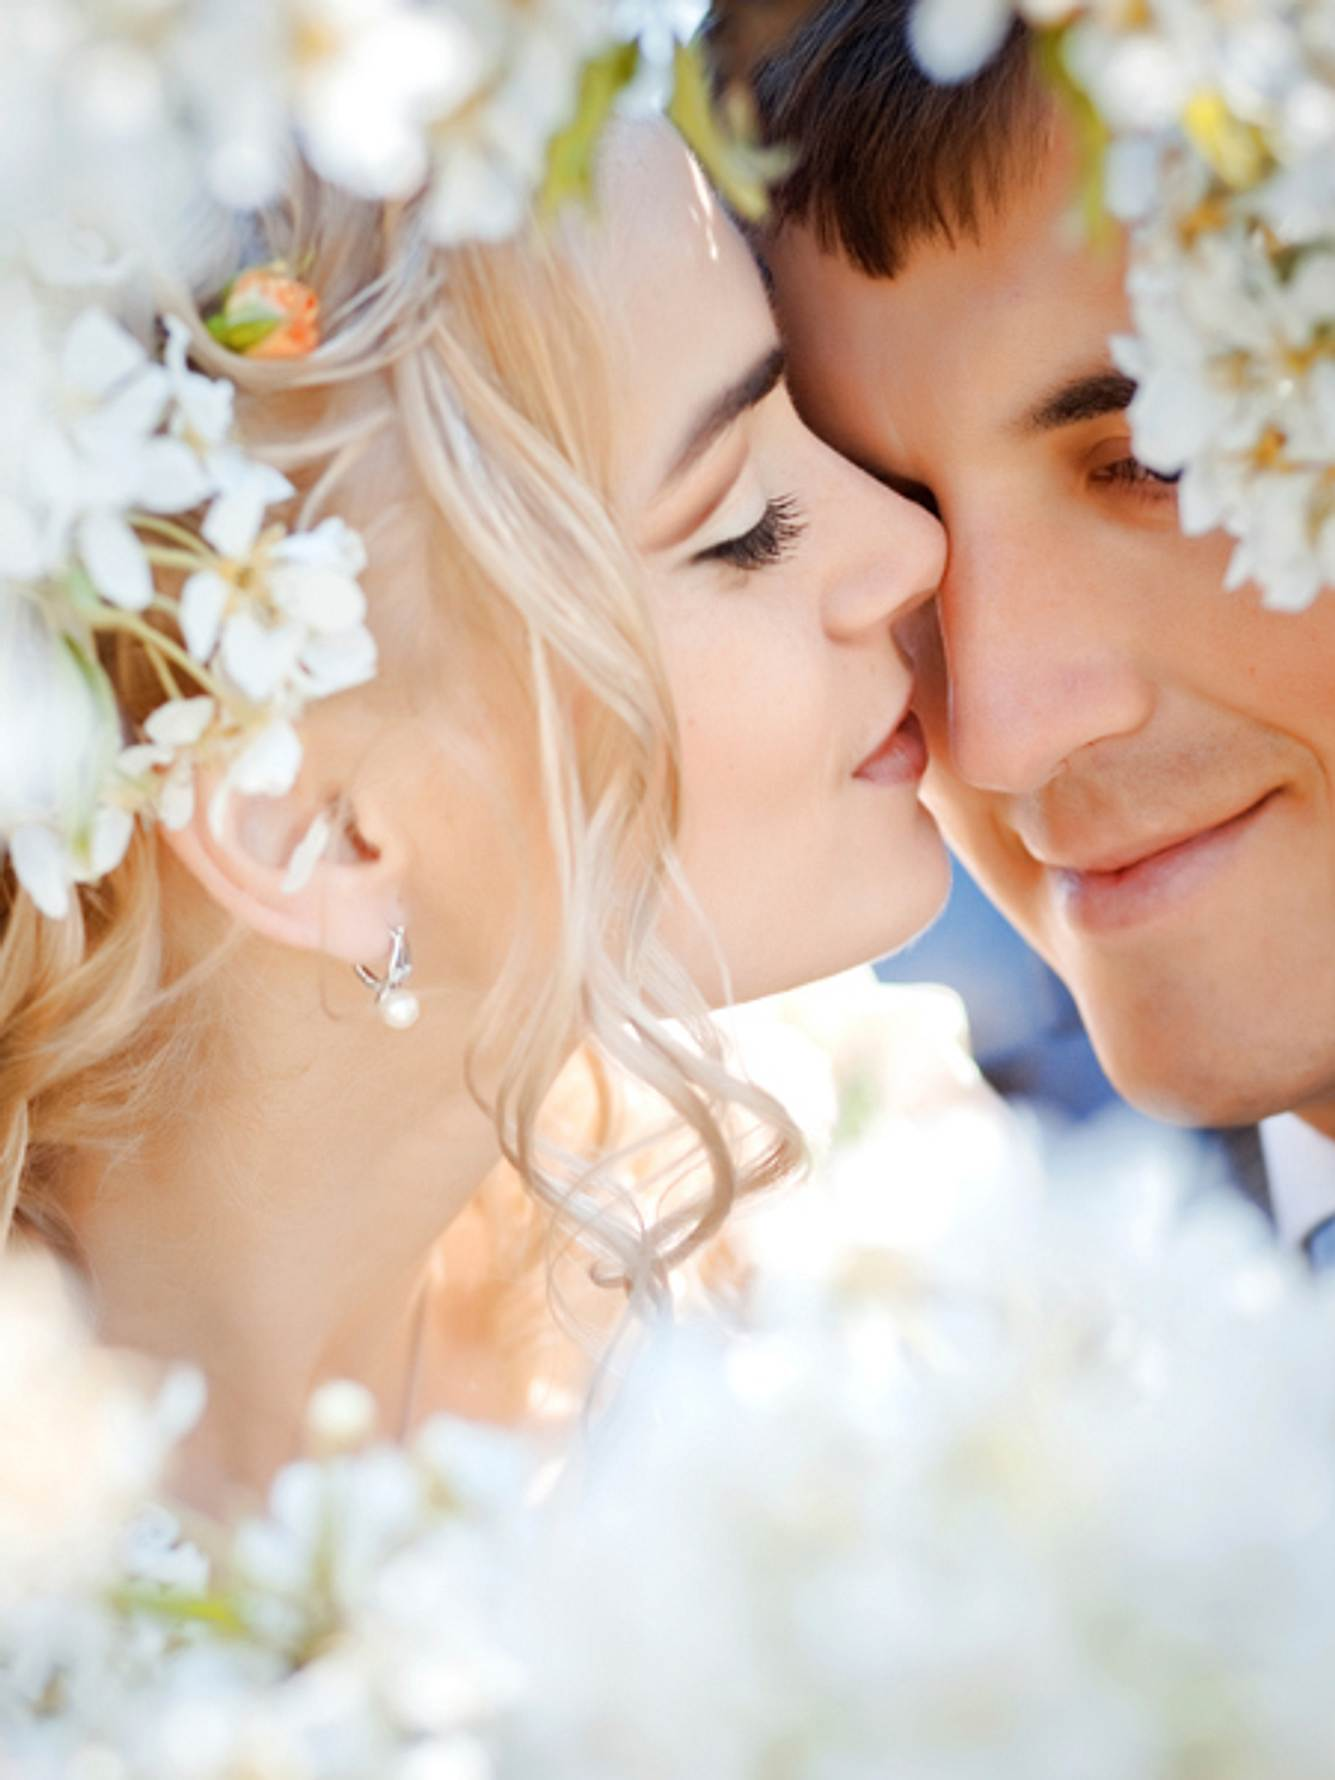 beziehung liebe verlobung heiratsantrag